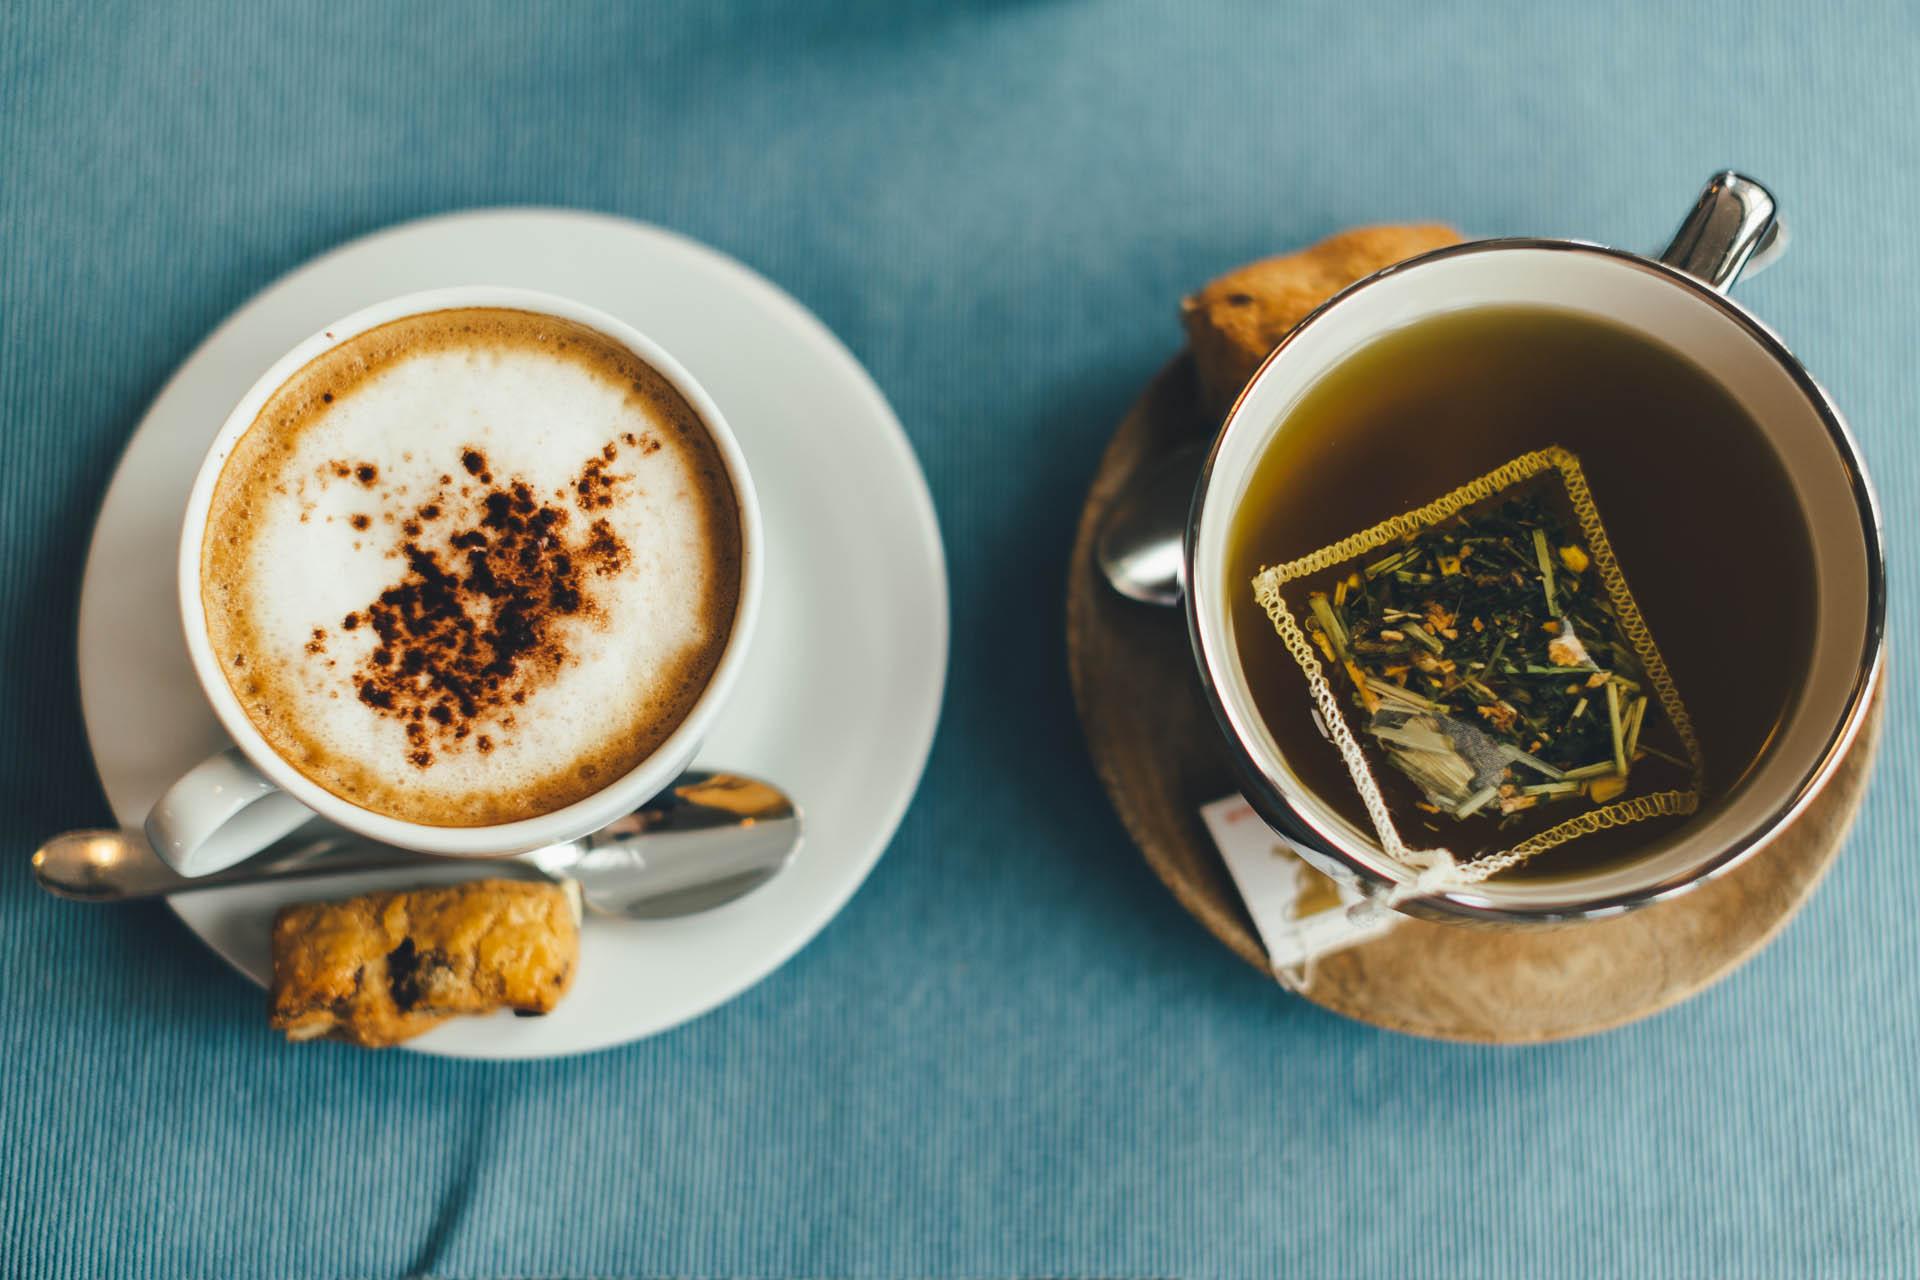 BEDA KAFI cafeteria Tassen mit köstlichem Kaffee und Tee